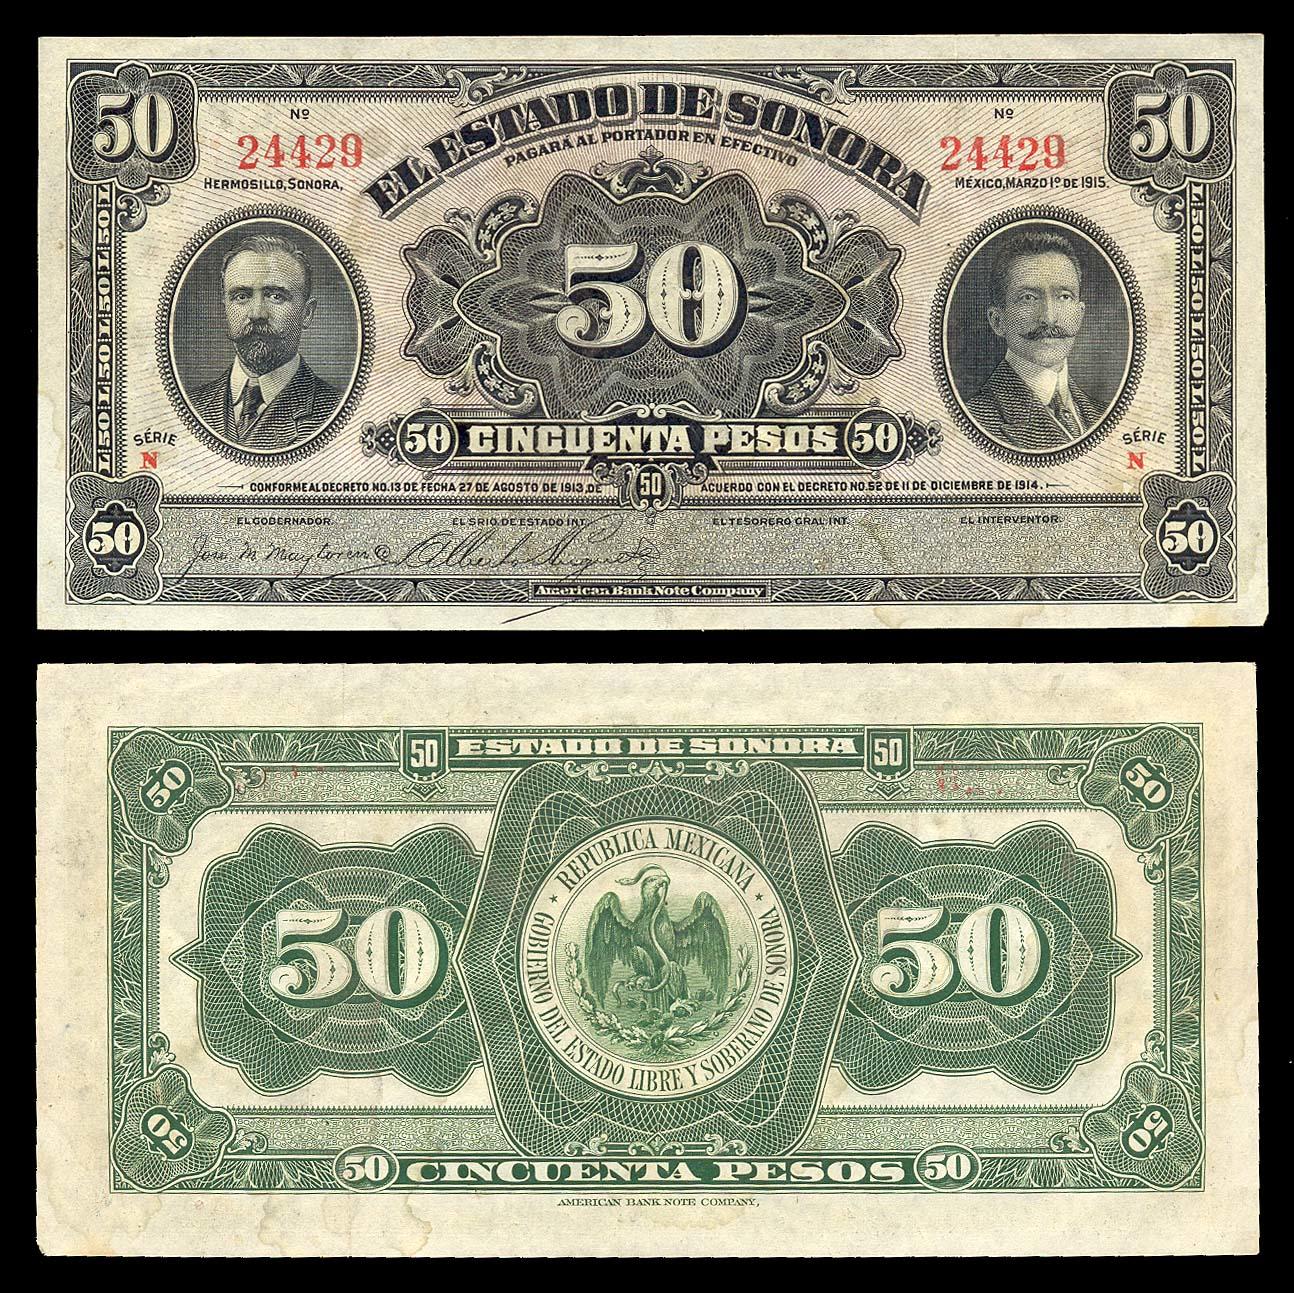 Mexican Revolution Banco de Sonora 5 Pesos Banknotes Peso Mexico Currency Money